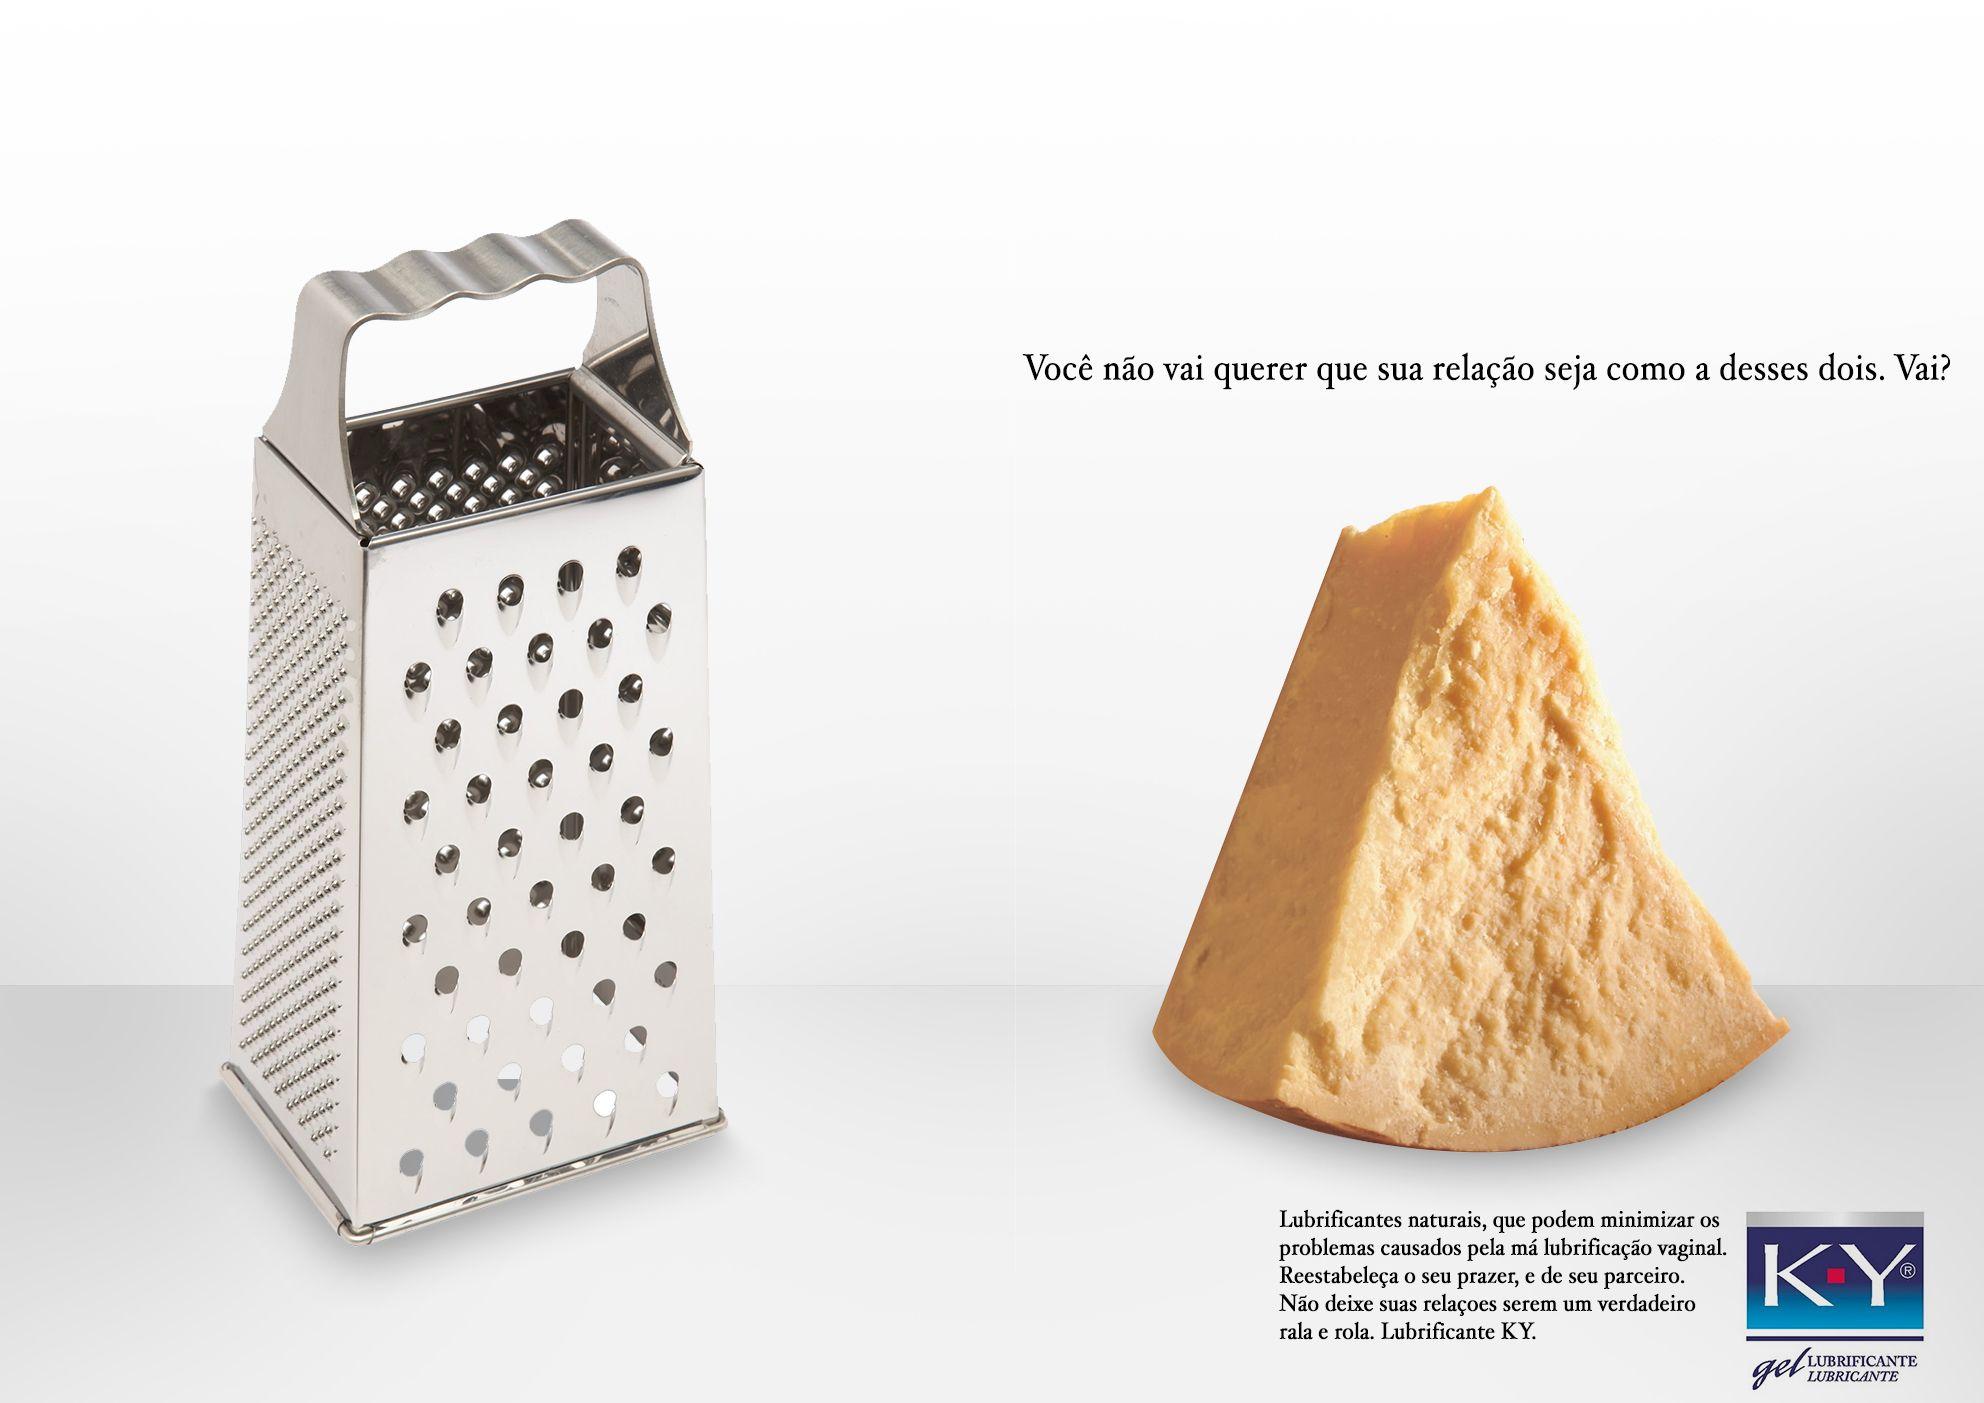 Anúncio de página dupla para o produto K.Y Lubrificantes da Johnson & Johnson. - Trabalho de Faculdade desenvolvido no primeiro semestre de 2013.